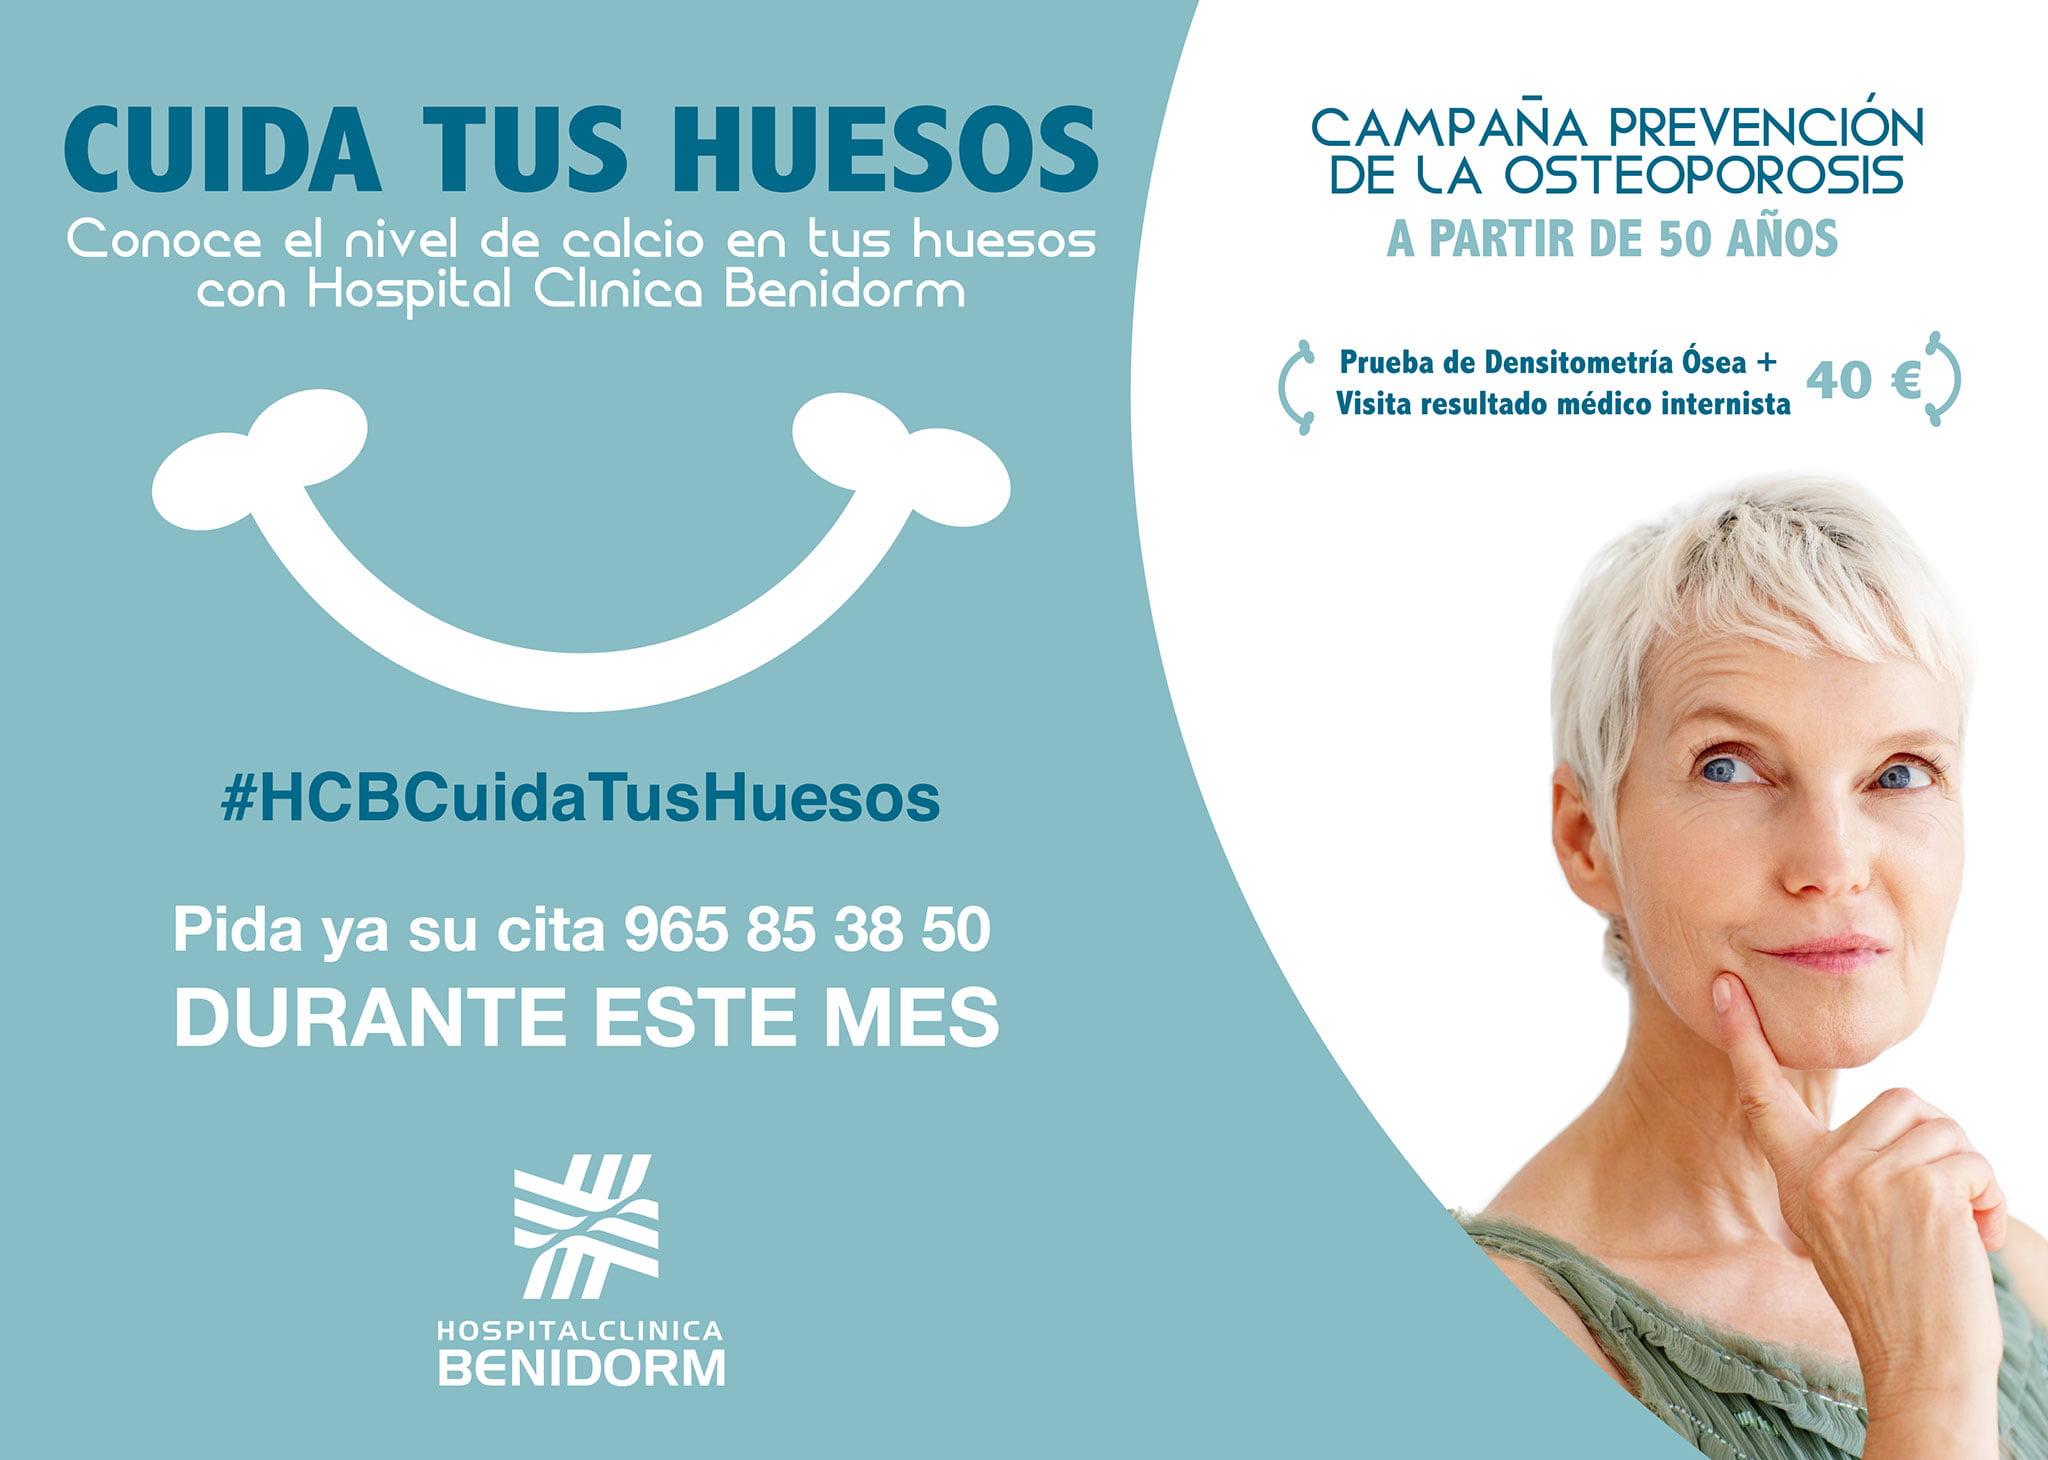 Campaña para la prevención de la osteoporosis – Hospital Clínica Benidorm (HCB)